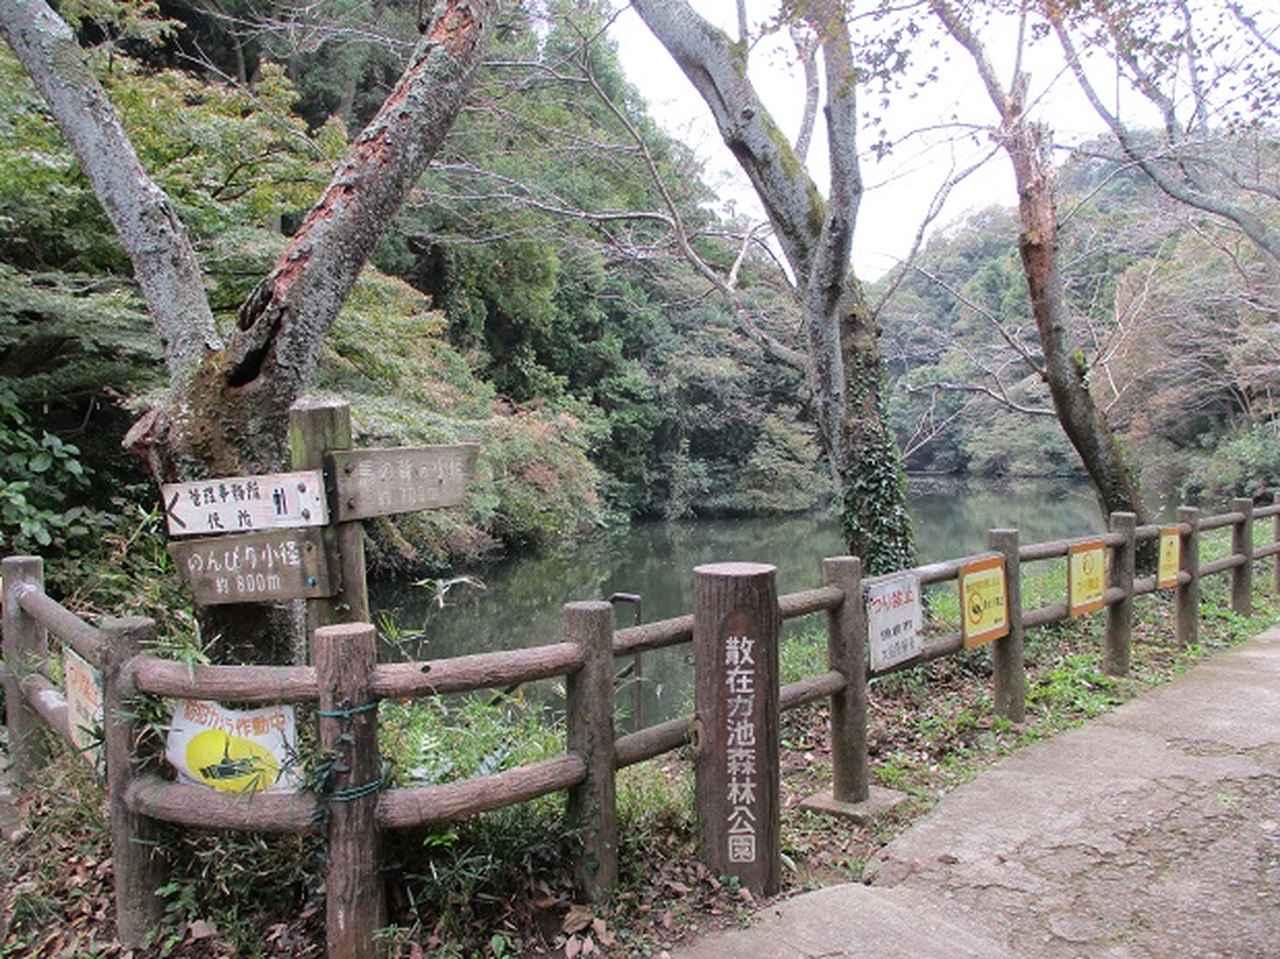 画像1: 【山旅会・登山ガイドこだわりツアー】岡田ガイドからの便り・散在ヶ池から祇園山ツアーにいってまいりました!